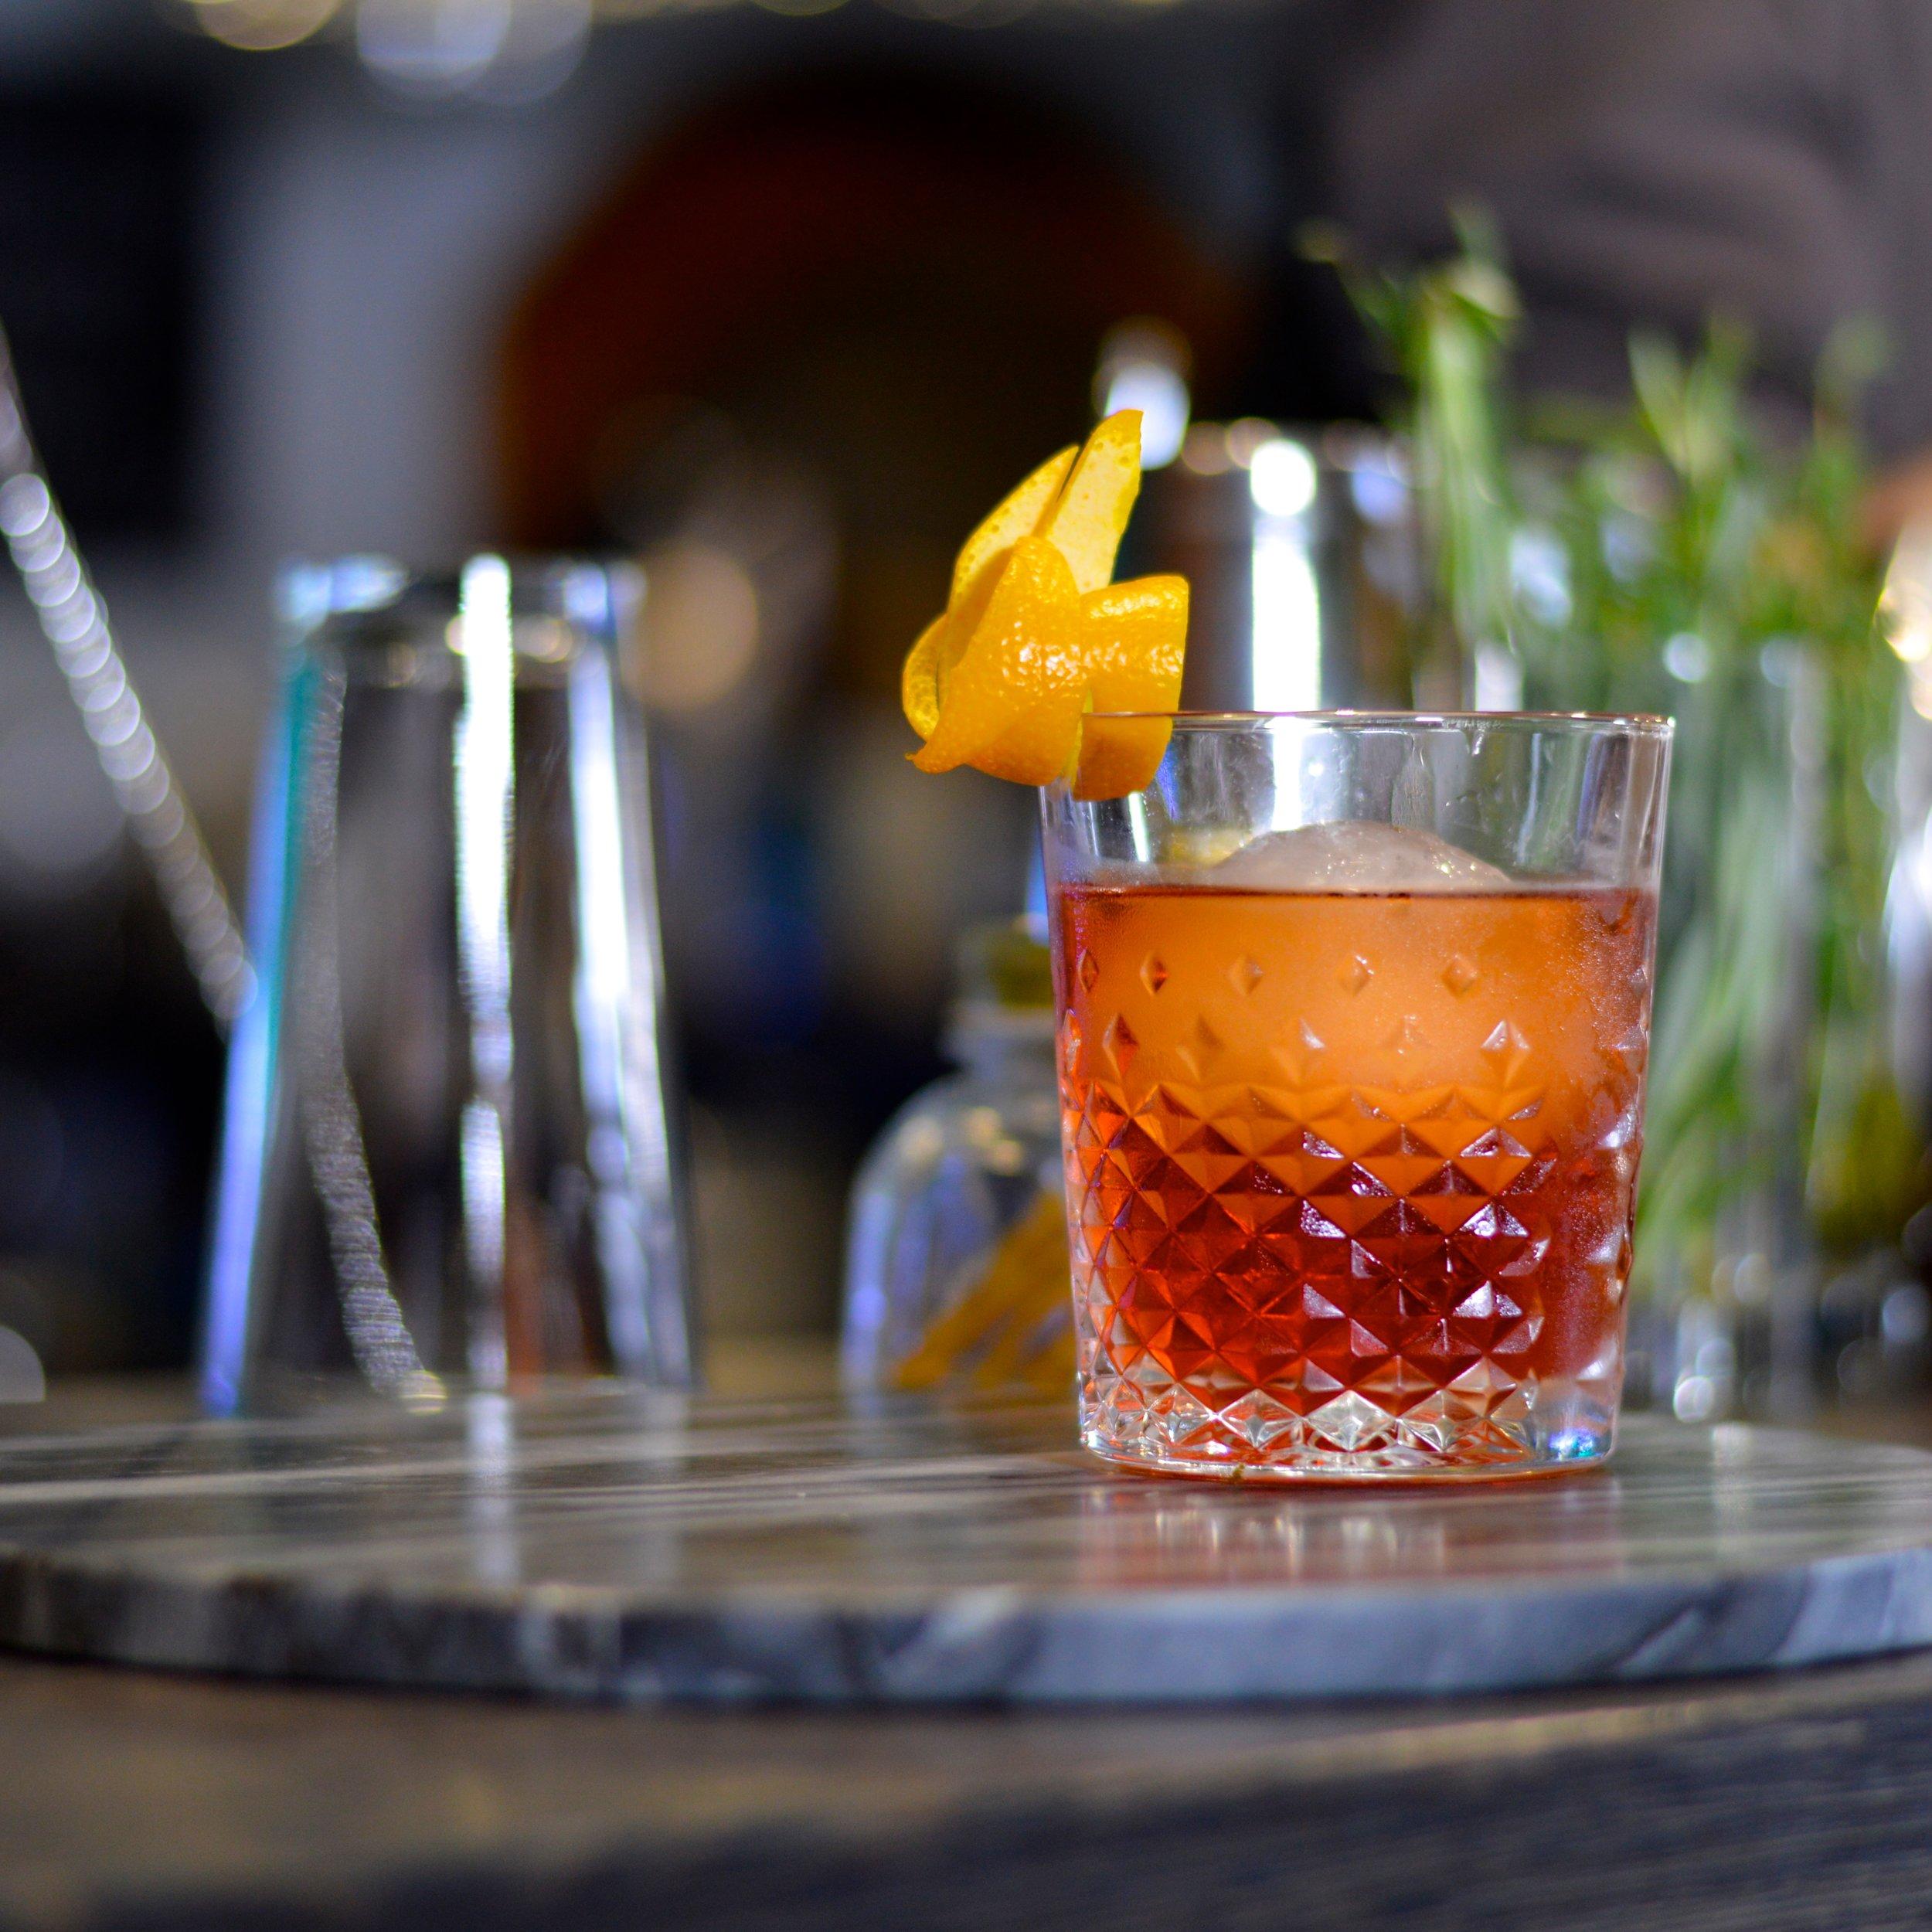 Negroni - k lasický kokteil, vyvážená kombinácia citrusového ginu, sladkého vermutu a horkého campari. Podávame na ľadovej guli.